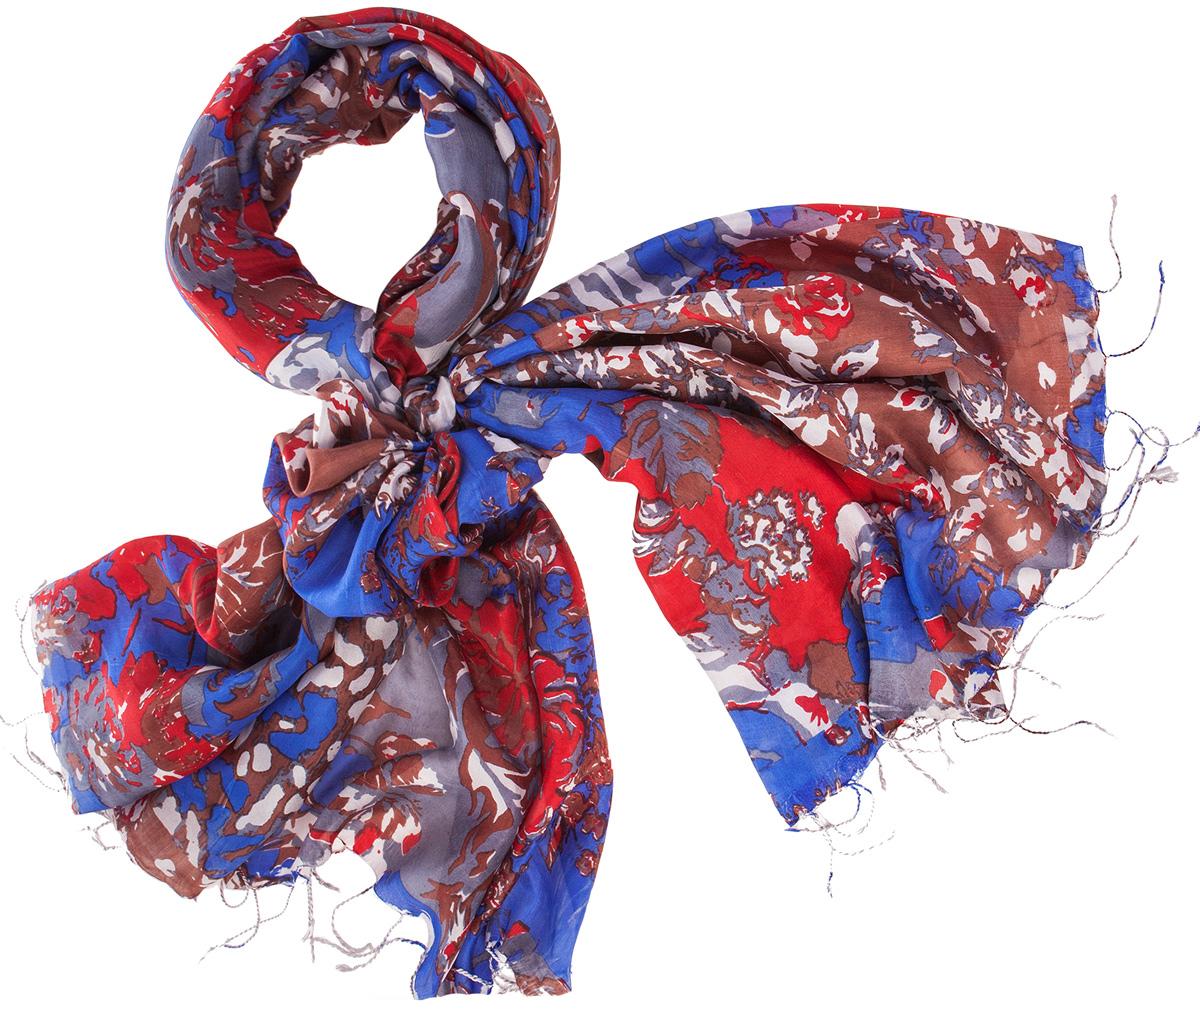 ПалантинS30-DENSE.FLORAL/MULTIНарочито рыхлое плетение Plain тончайшей шелковой нитью Mulberry, нежная полупрозрачная ткань Chiffon. Вес изделия 60г (30 г/м2).